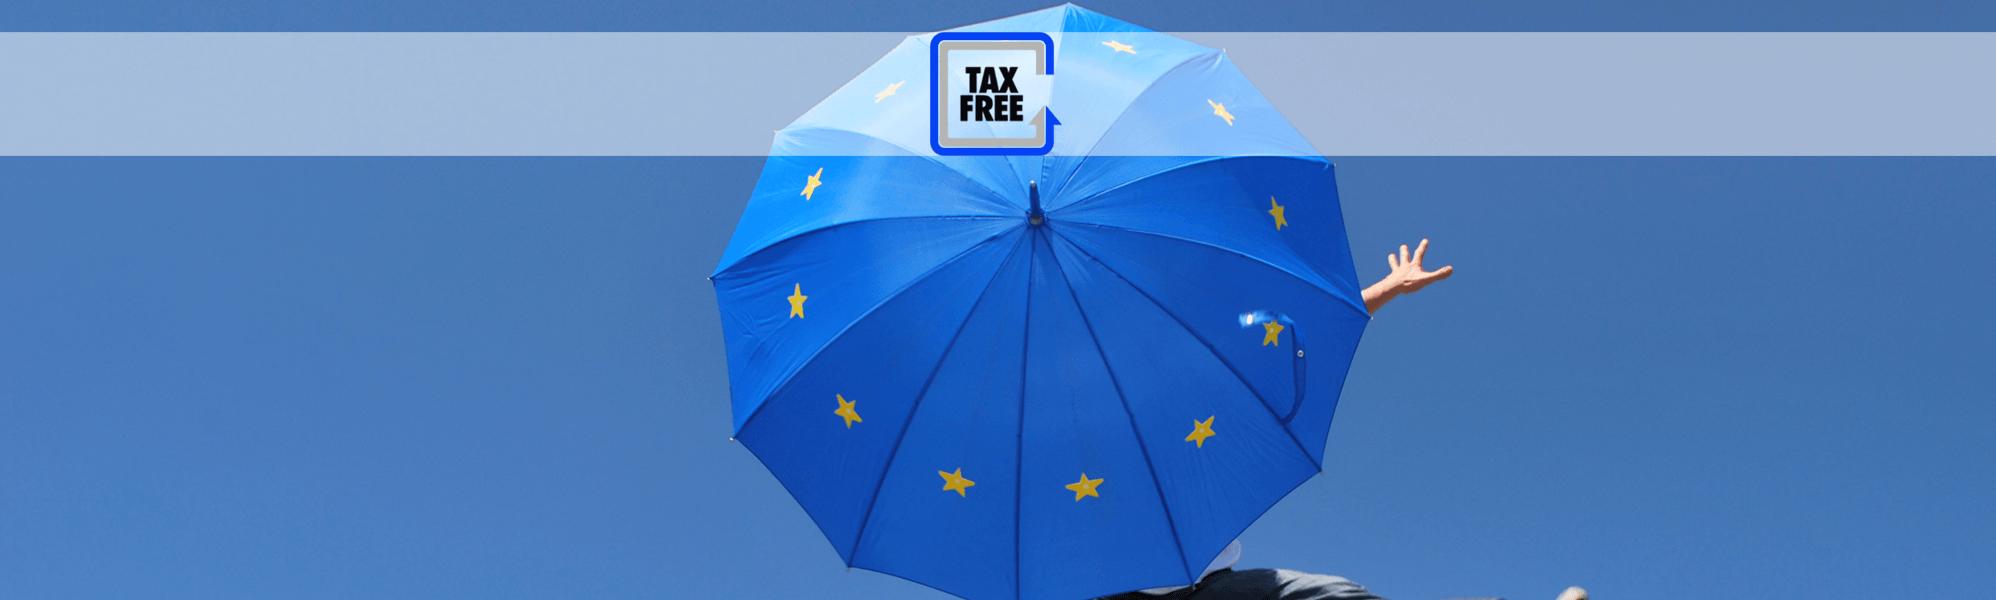 TaxFree - Persoană fizică cu domiciliul de reședință în afara UE.